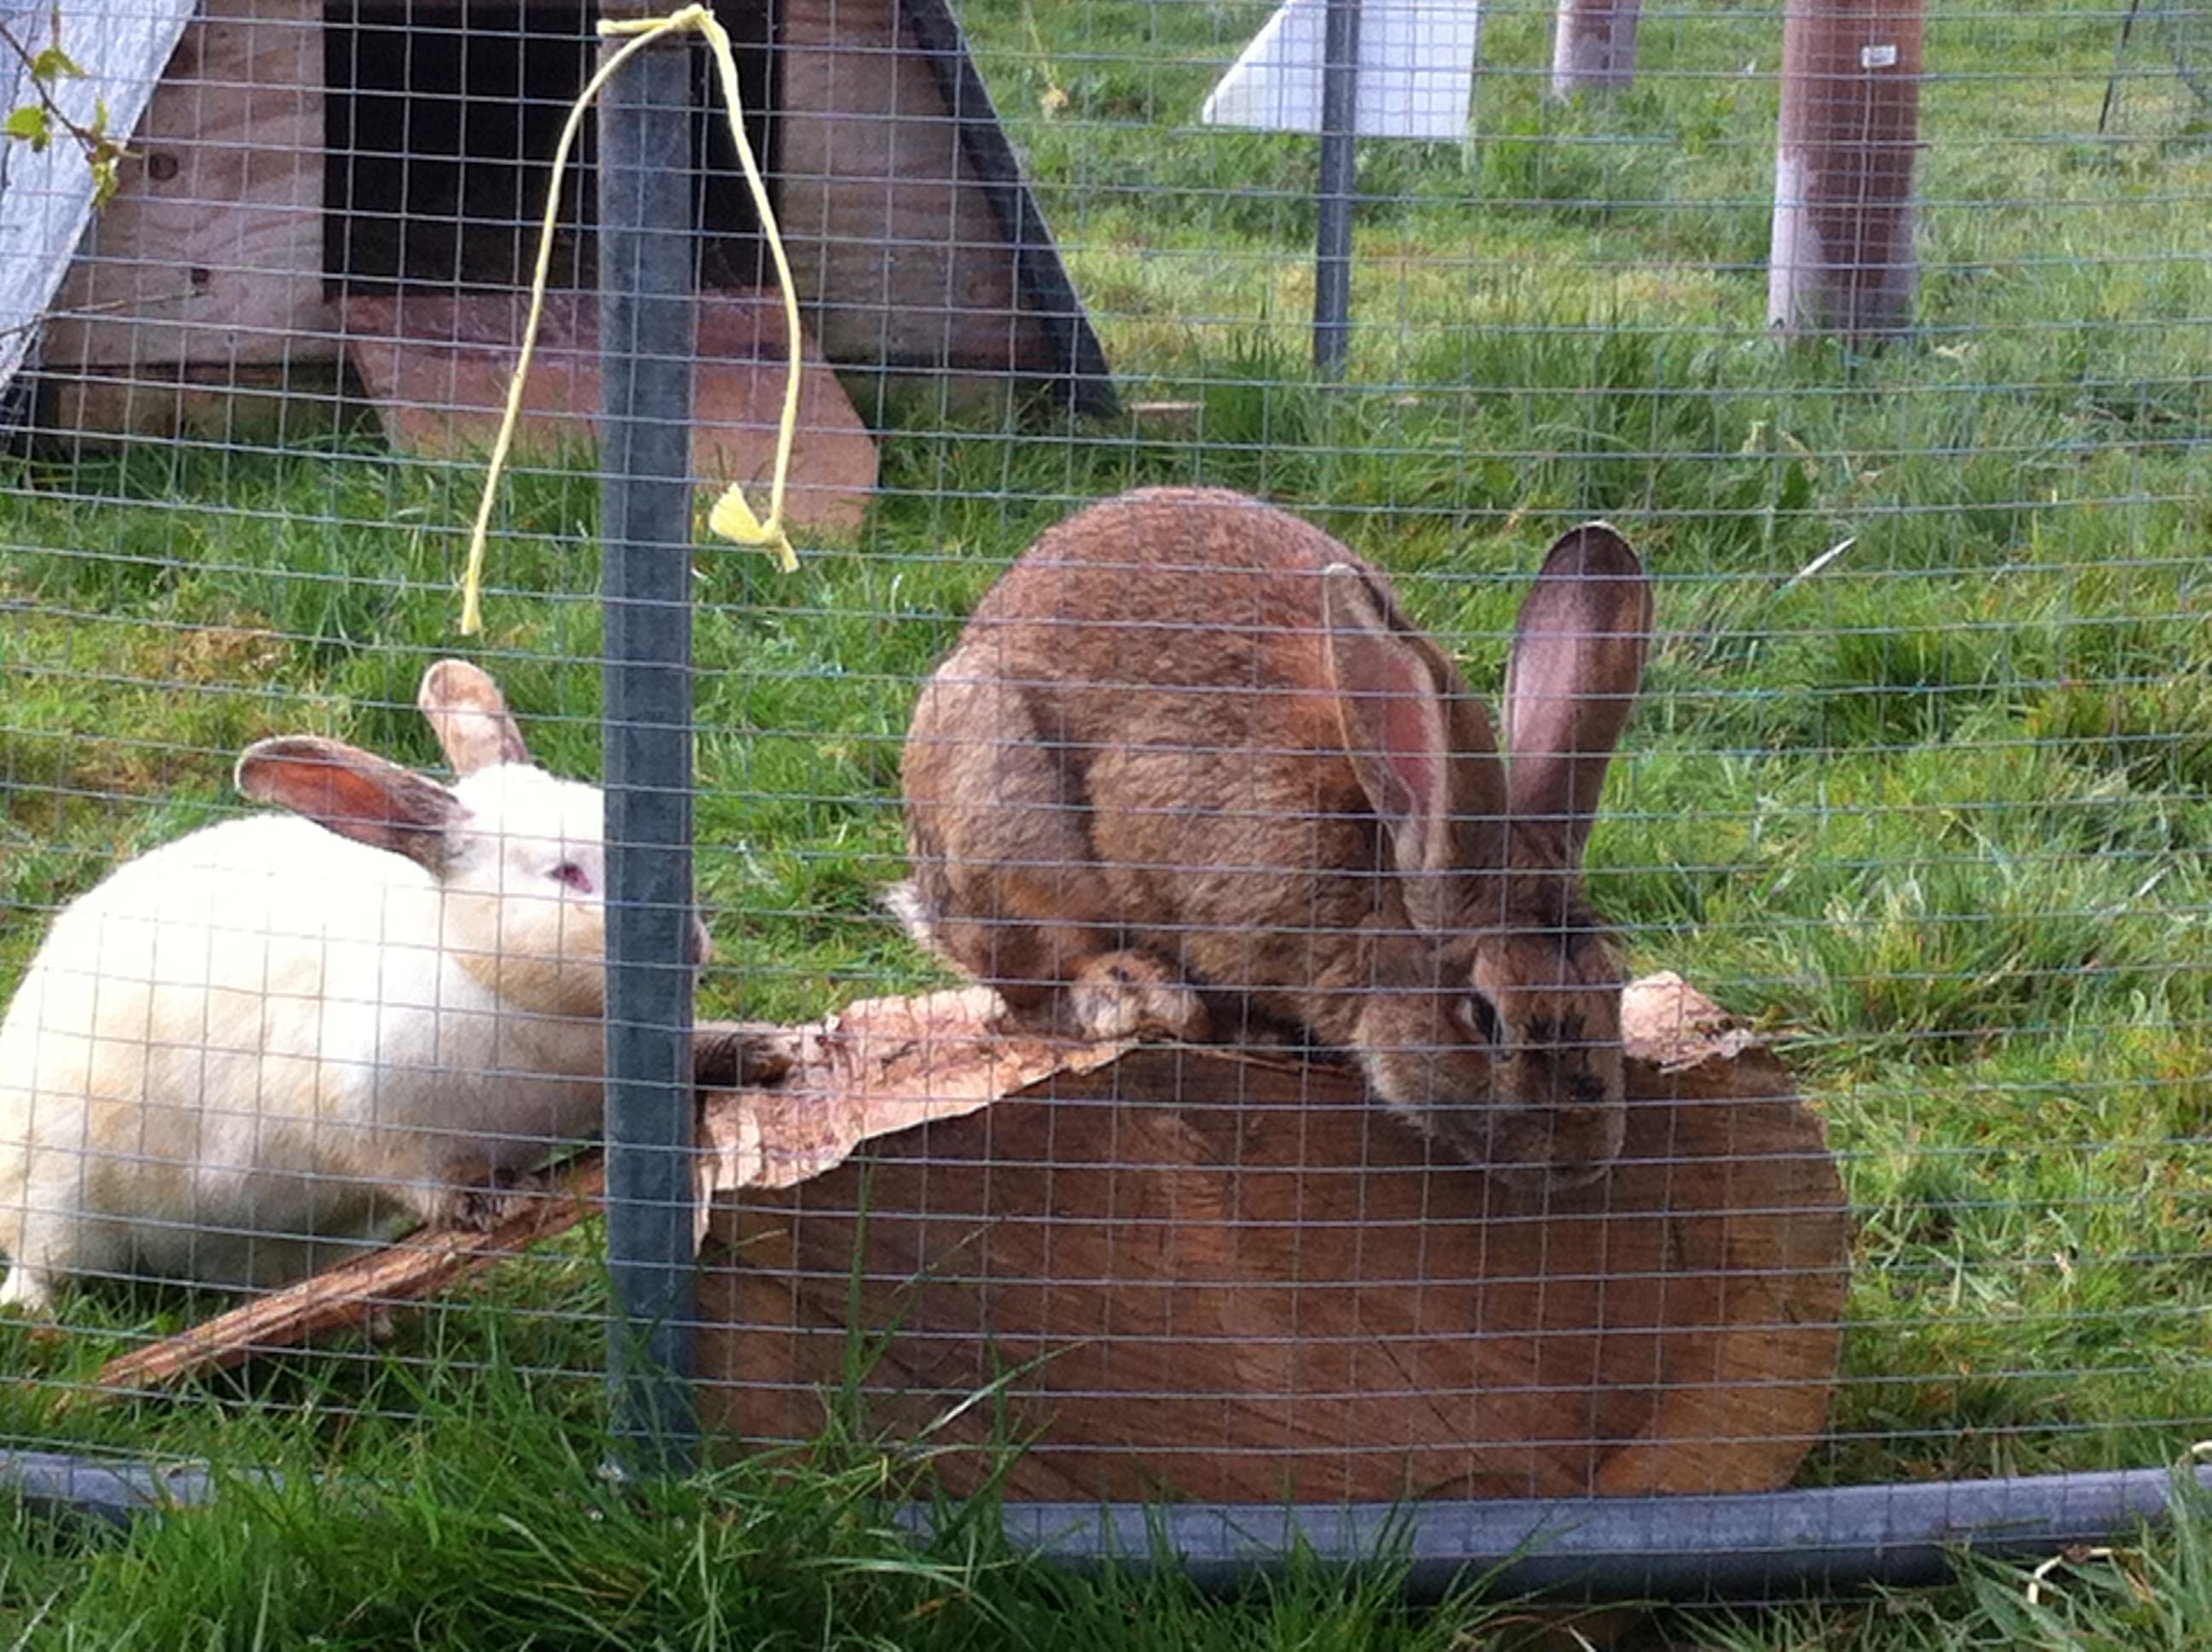 Free range rabbits – Dorset Forest Garden